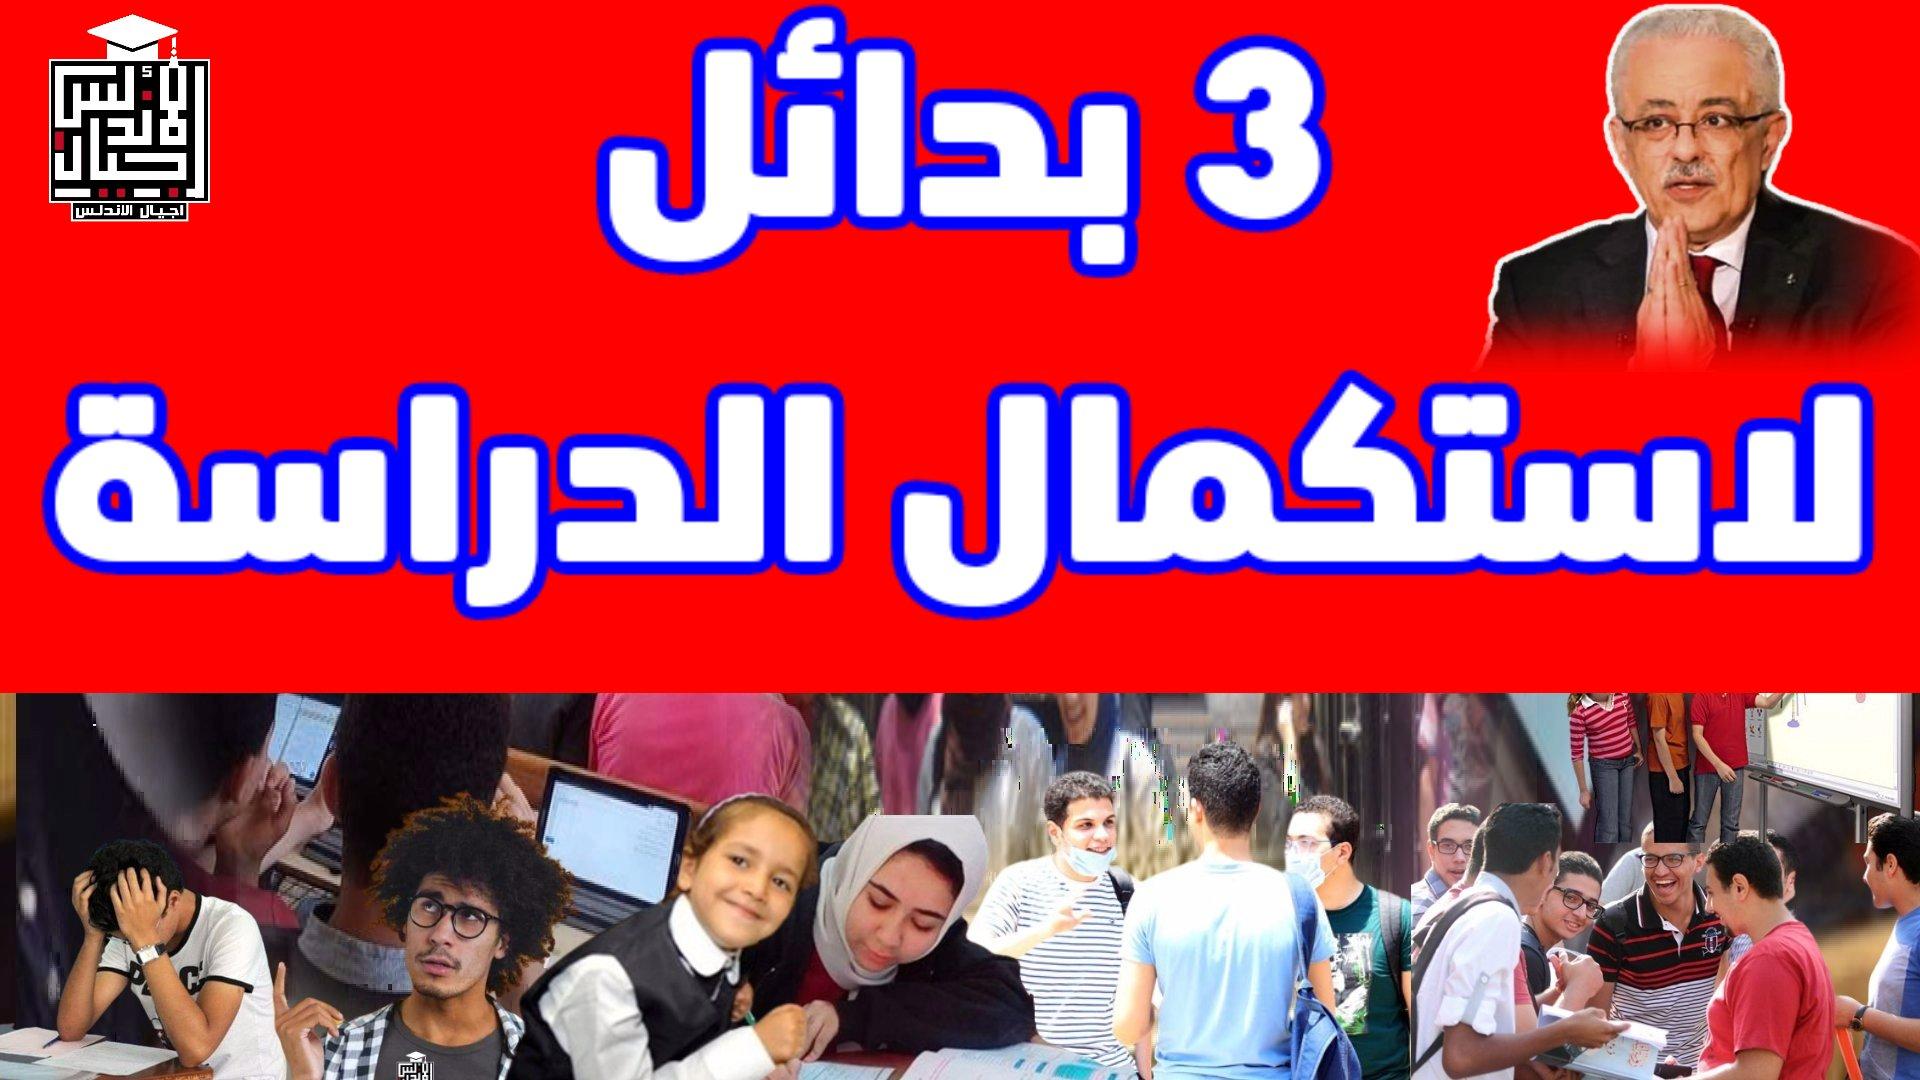 3 بدائل لاستكمال العام الدراسي هتختار ايه ؟!